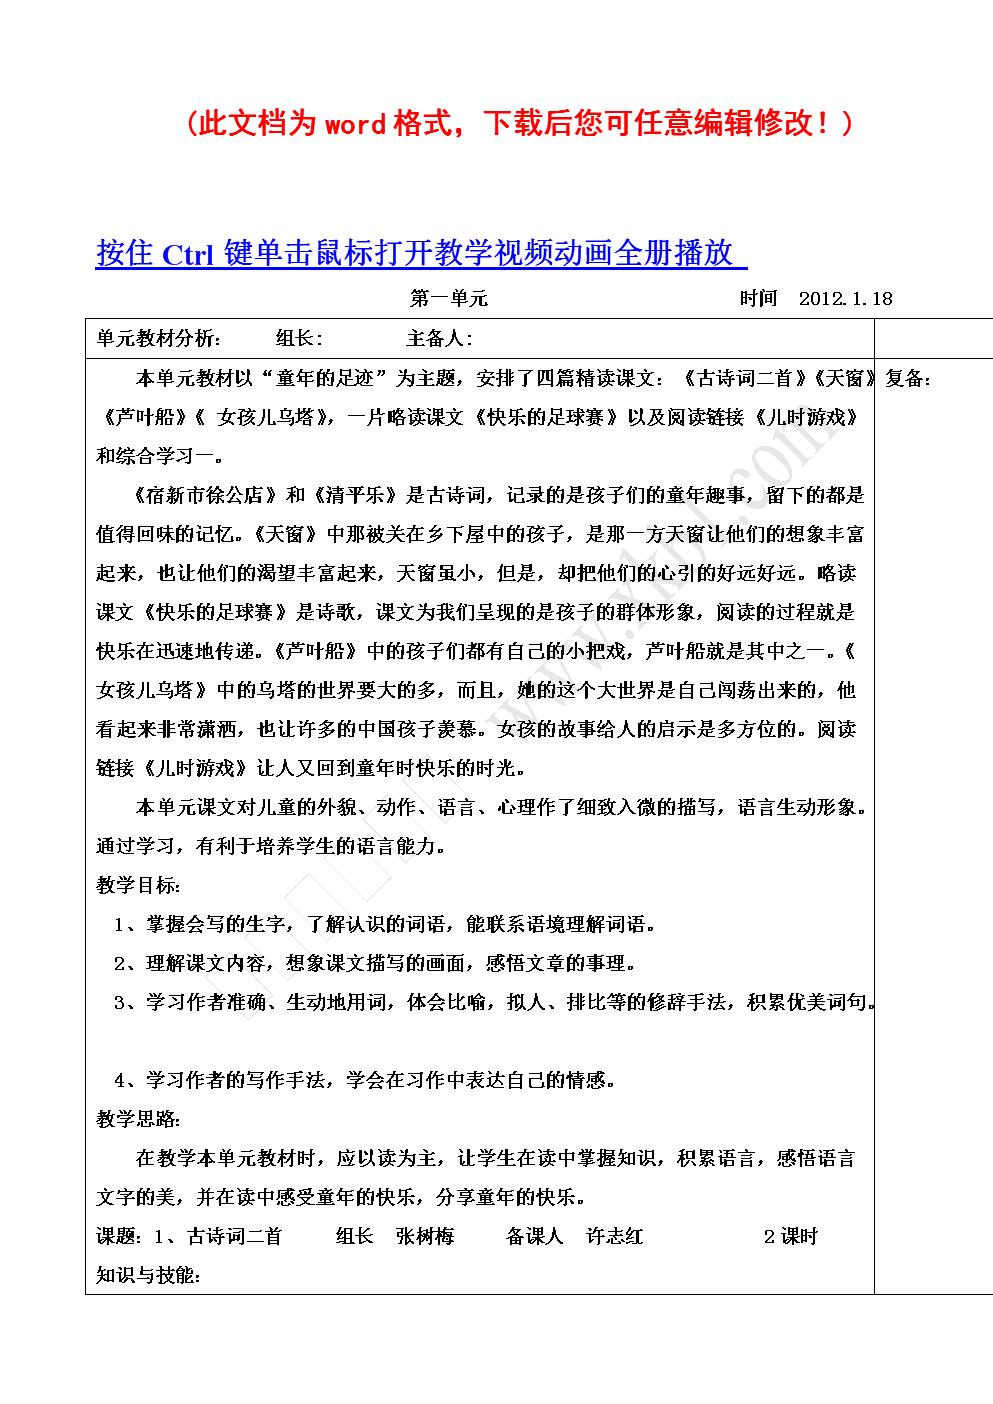 冀教版小学四年级语文下册 全册教案设计.doc